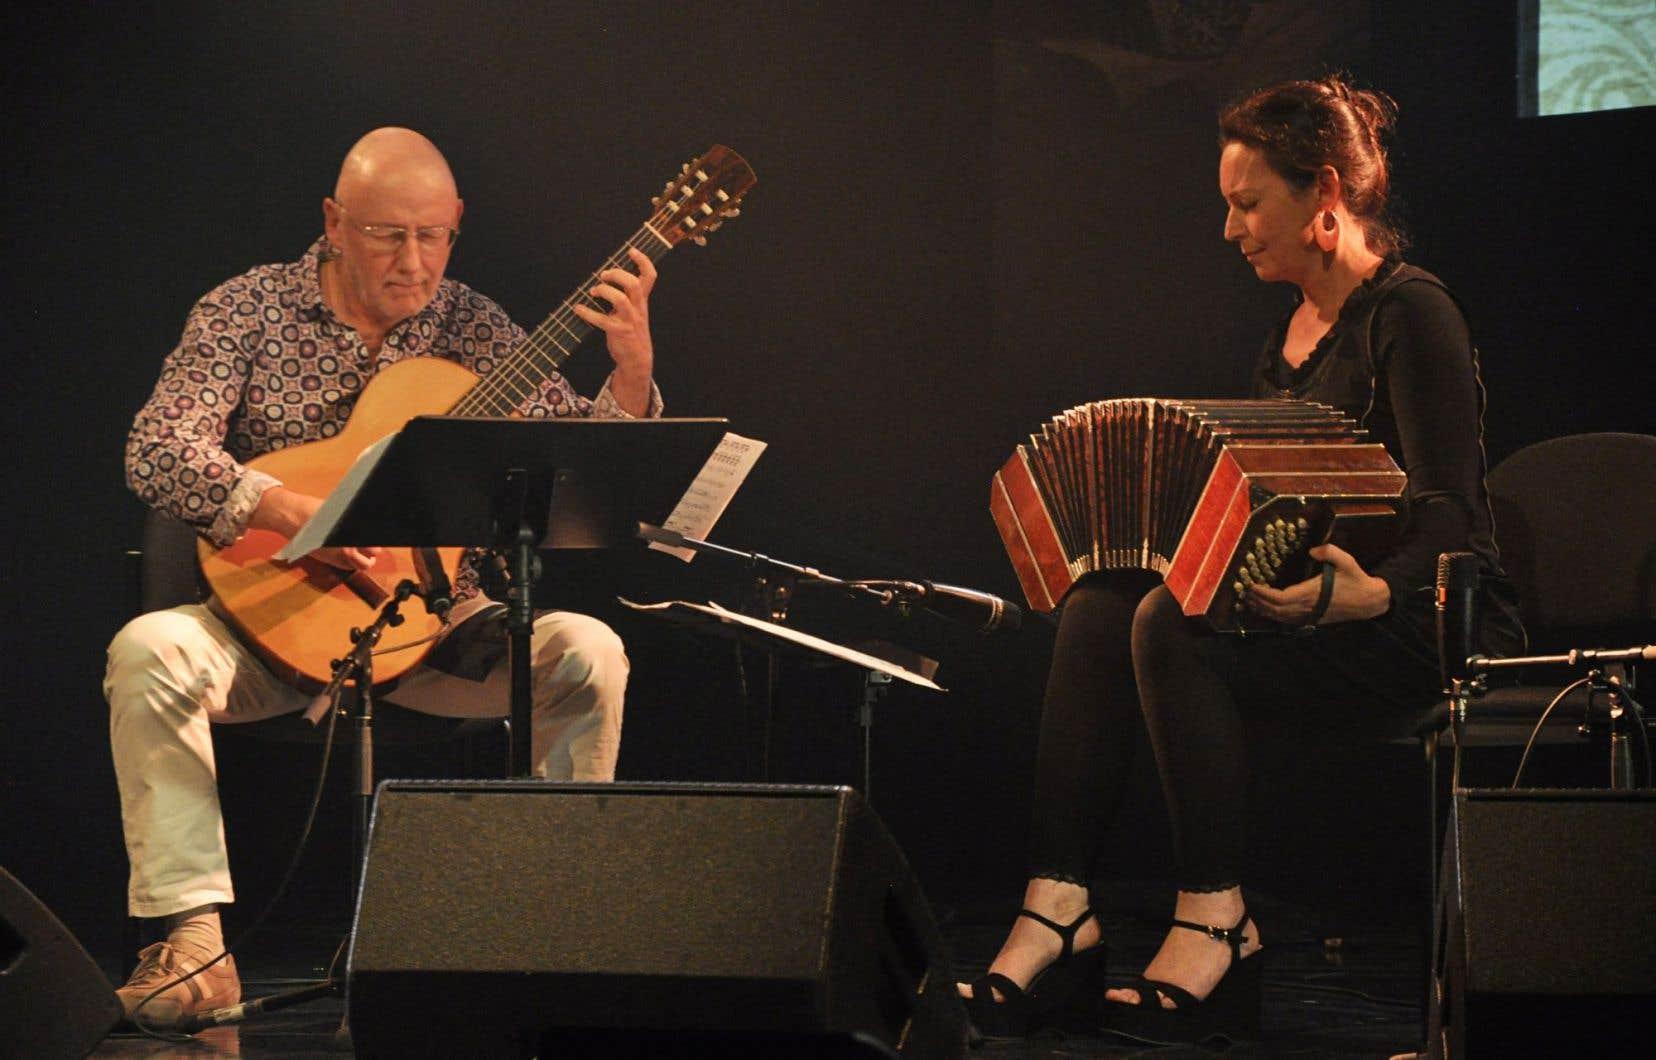 Le duo Silb avec Kristina Kuusisto au bandonéon et Roger Eon à la guitare, vendredi soir à la salle Edwin-Bélanger àMontmagny